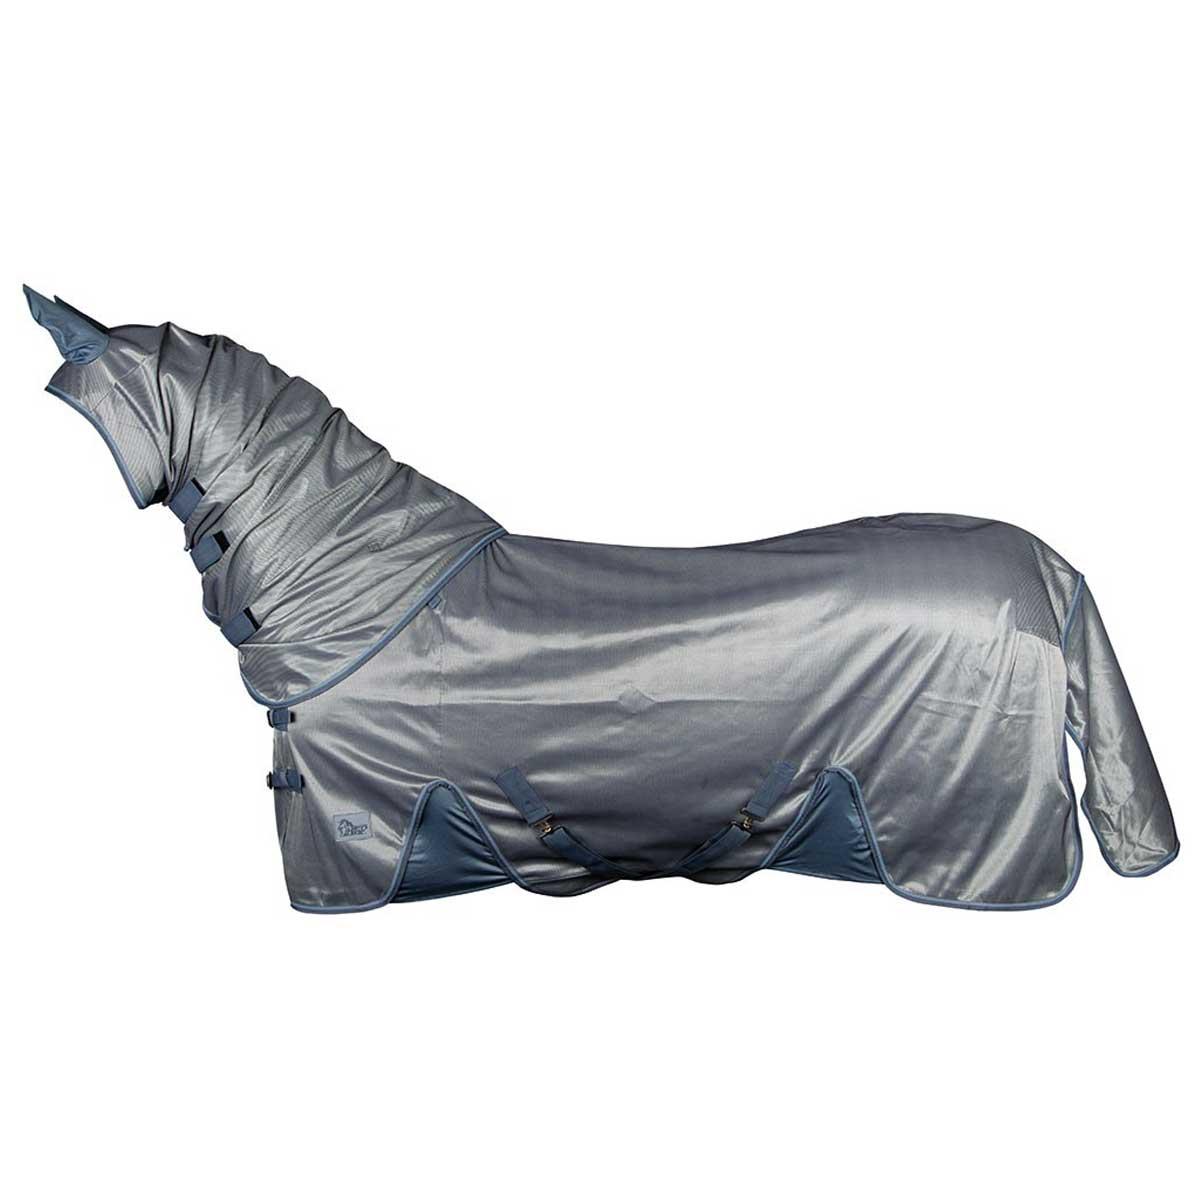 Harrys Horse Mesh Reflective vliegendeken lichtblauw maat:205